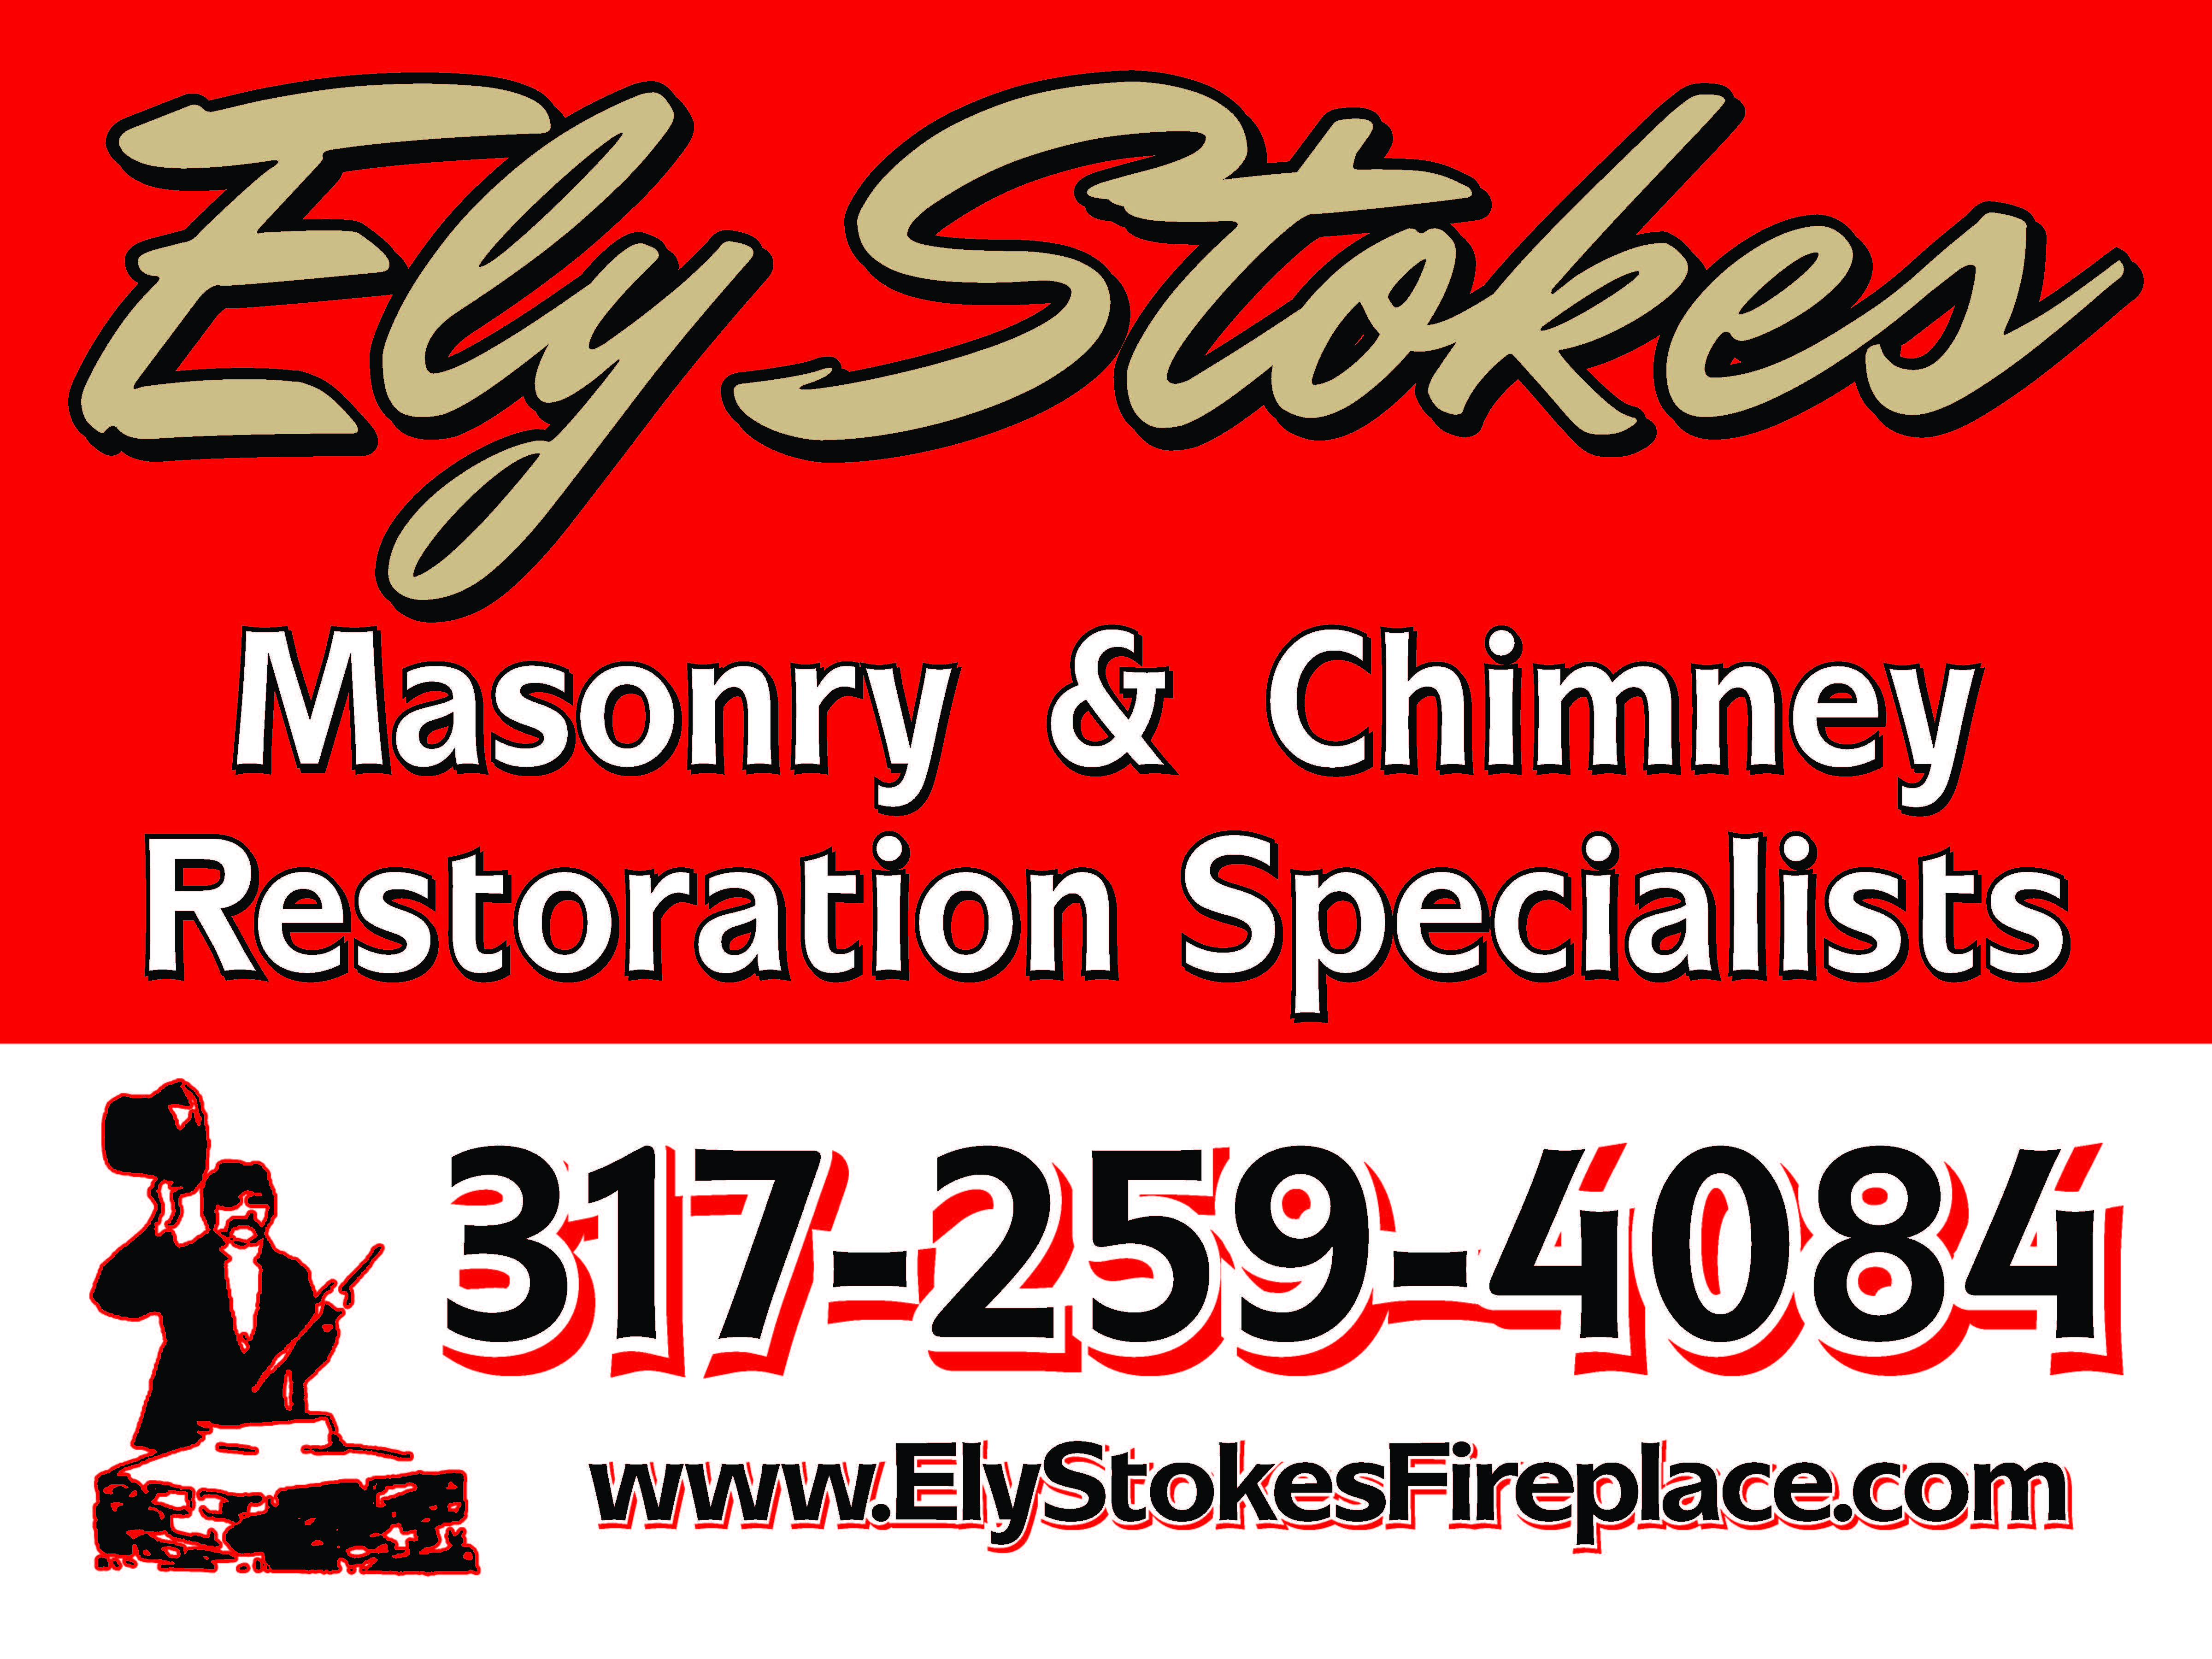 Ely Stokes Masonry